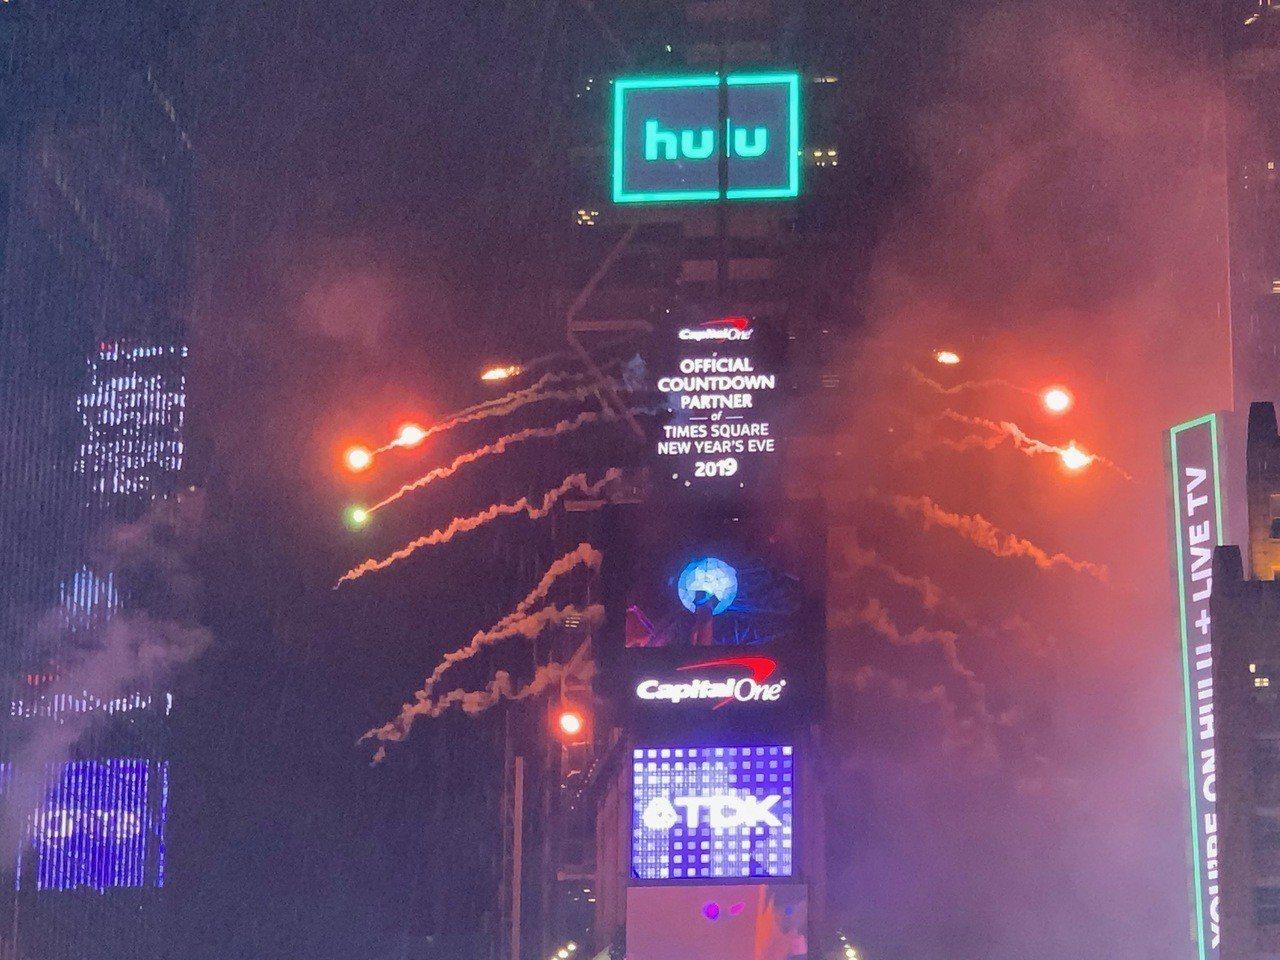 重慶「銅梁龍舞」 第二度亮相時報廣場跨年慶典 攝影/和釗宇